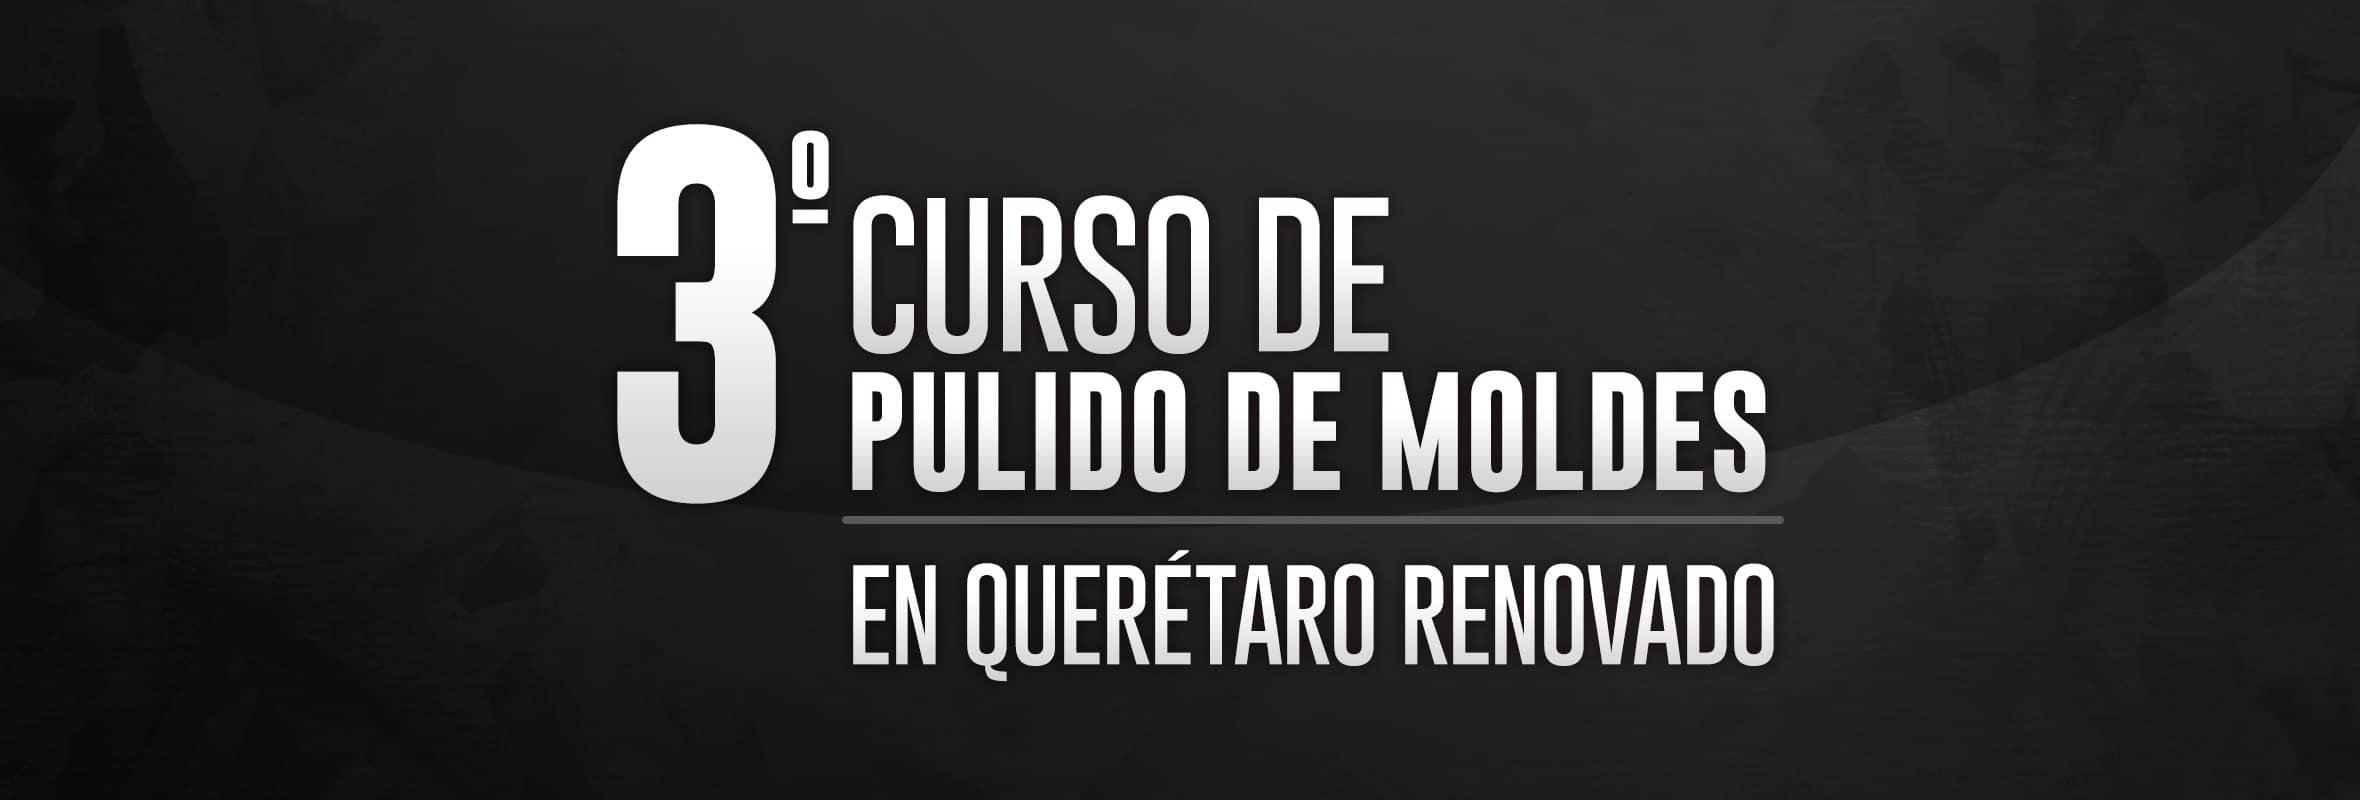 portada de blog sobre tercer curso de pulido de moldes en Querétaron